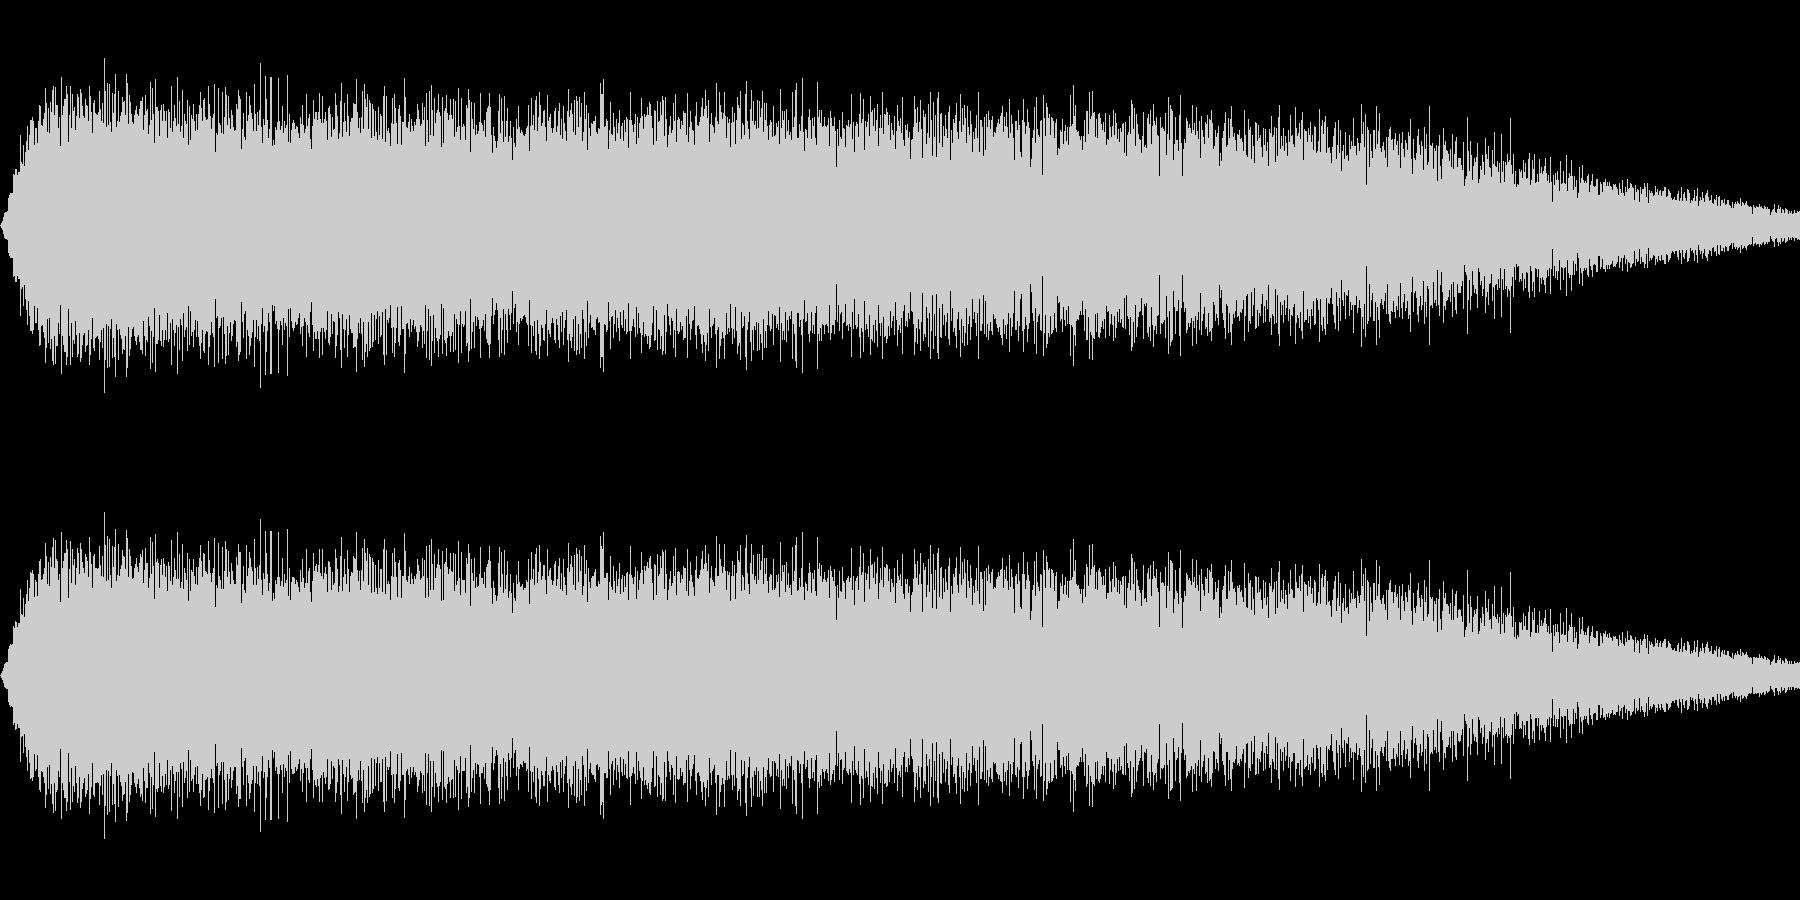 ショット・ビーム発射音#4の未再生の波形